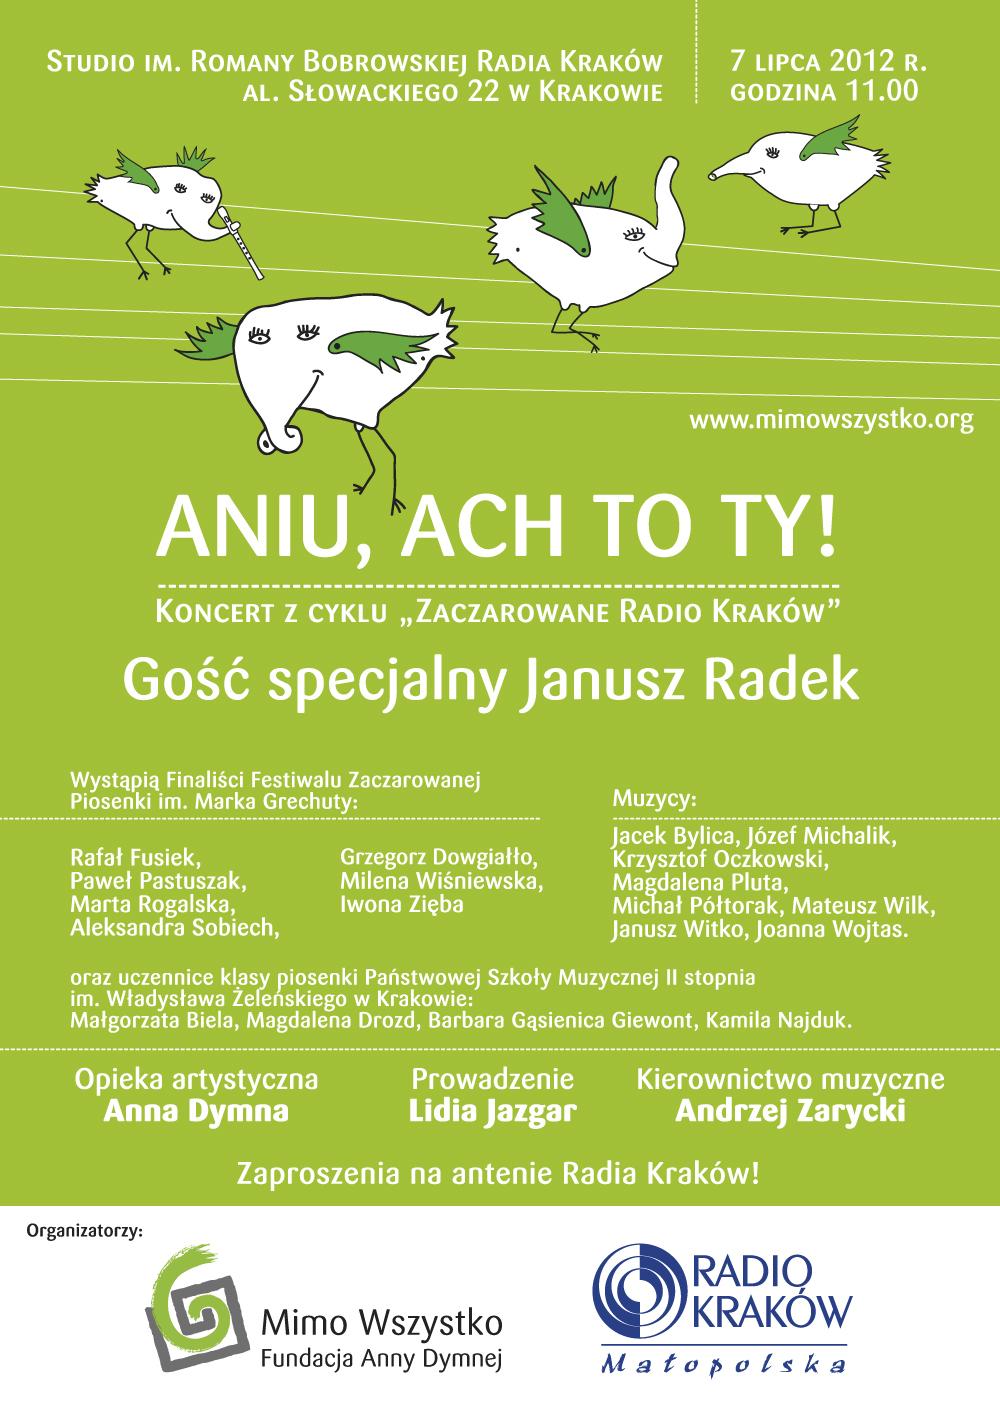 Letni koncert w zaczarowanym Radiu Kraków